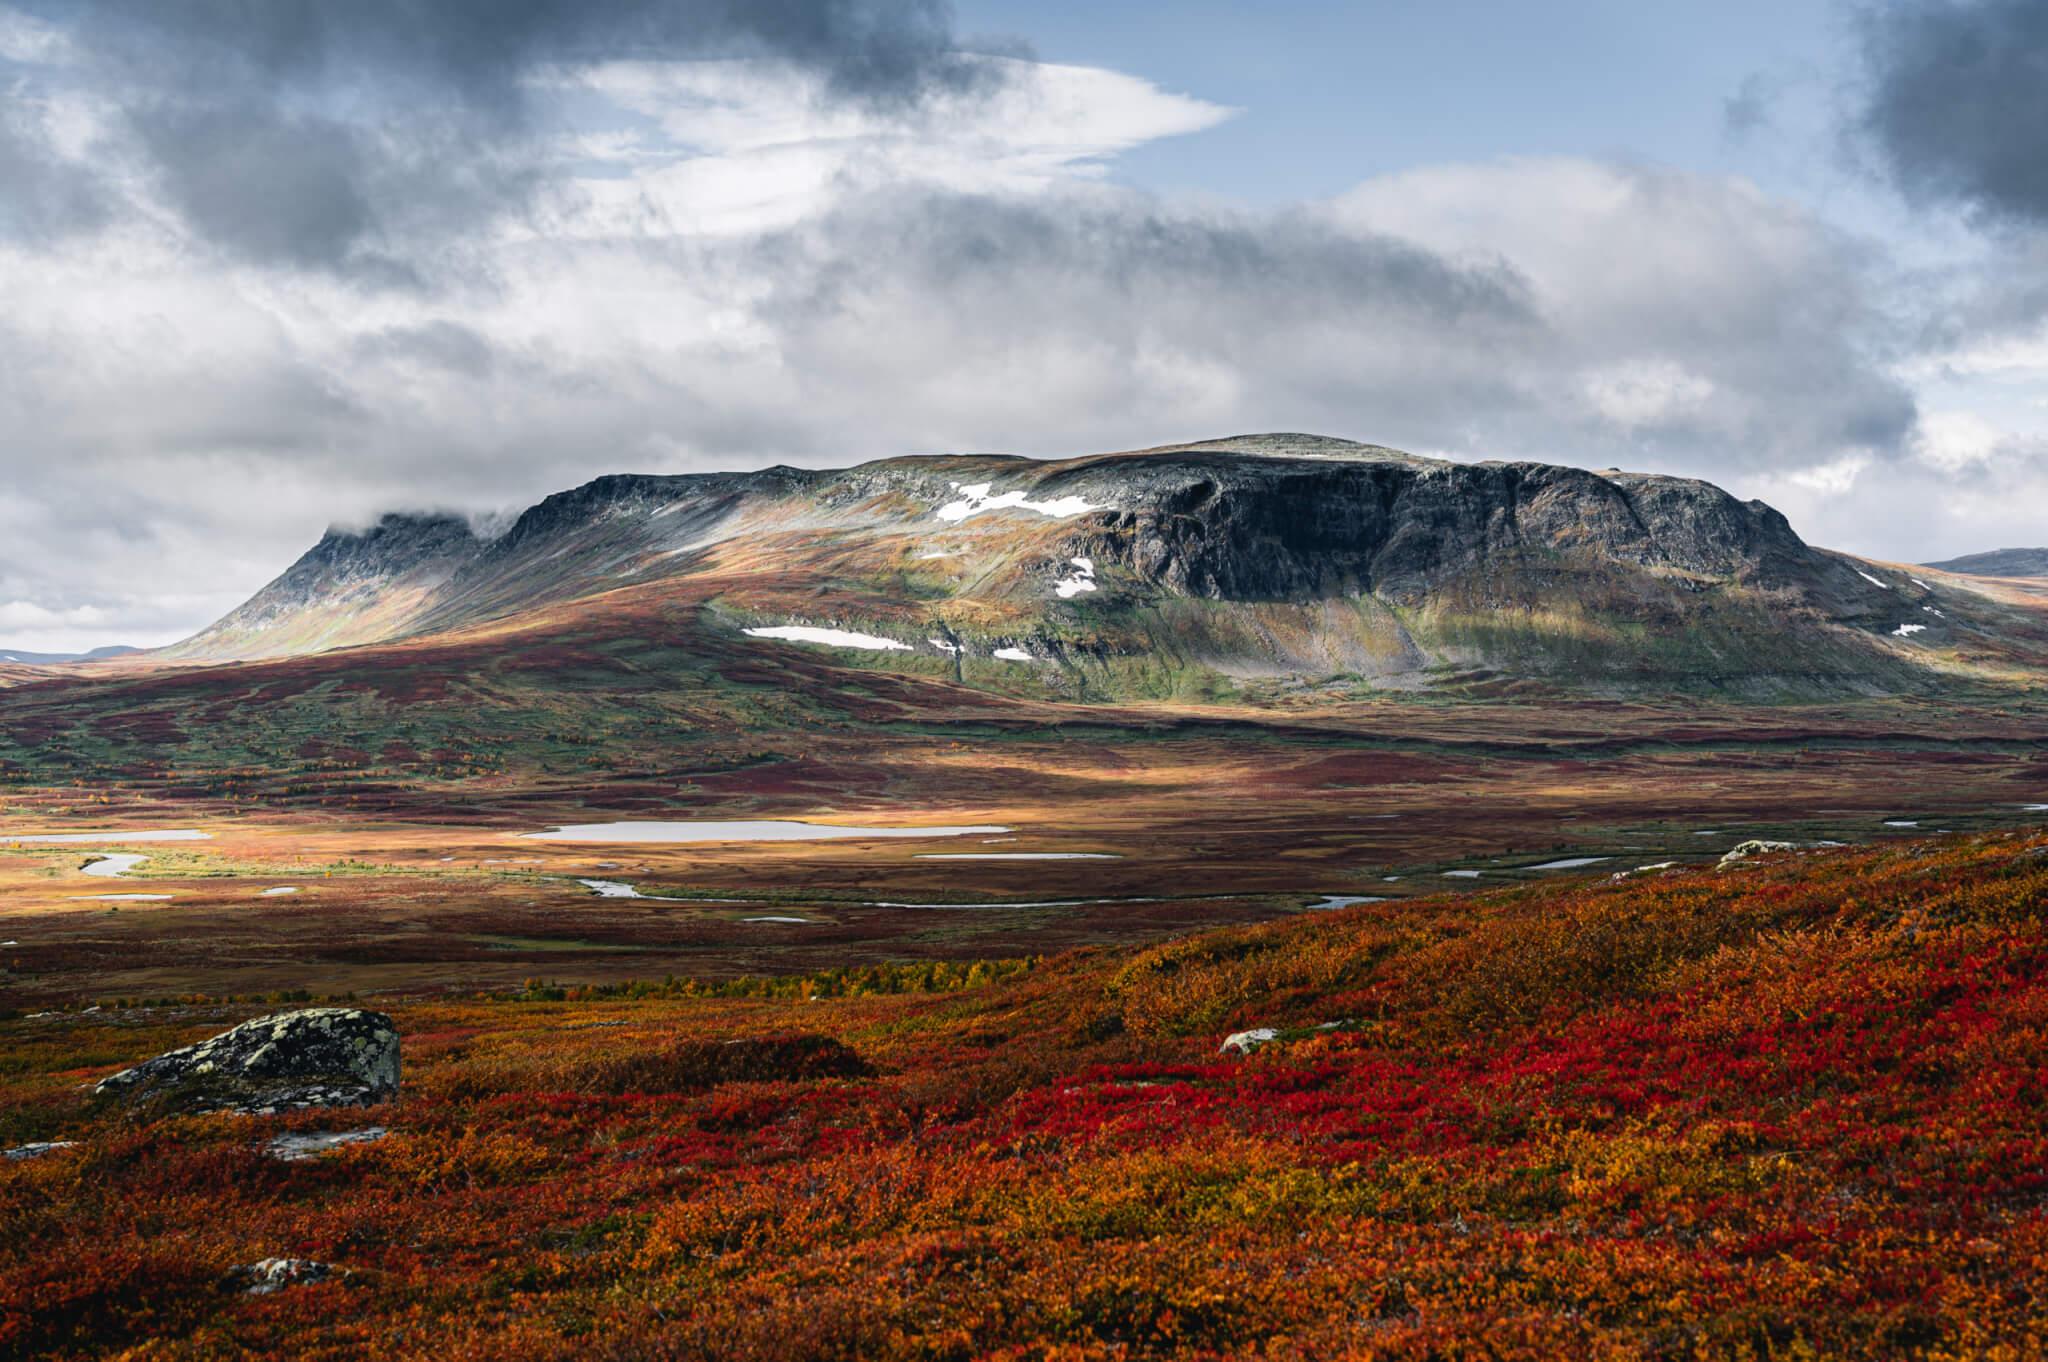 Fjäll i Vindelfjällen. Höstbild med röd tundra.